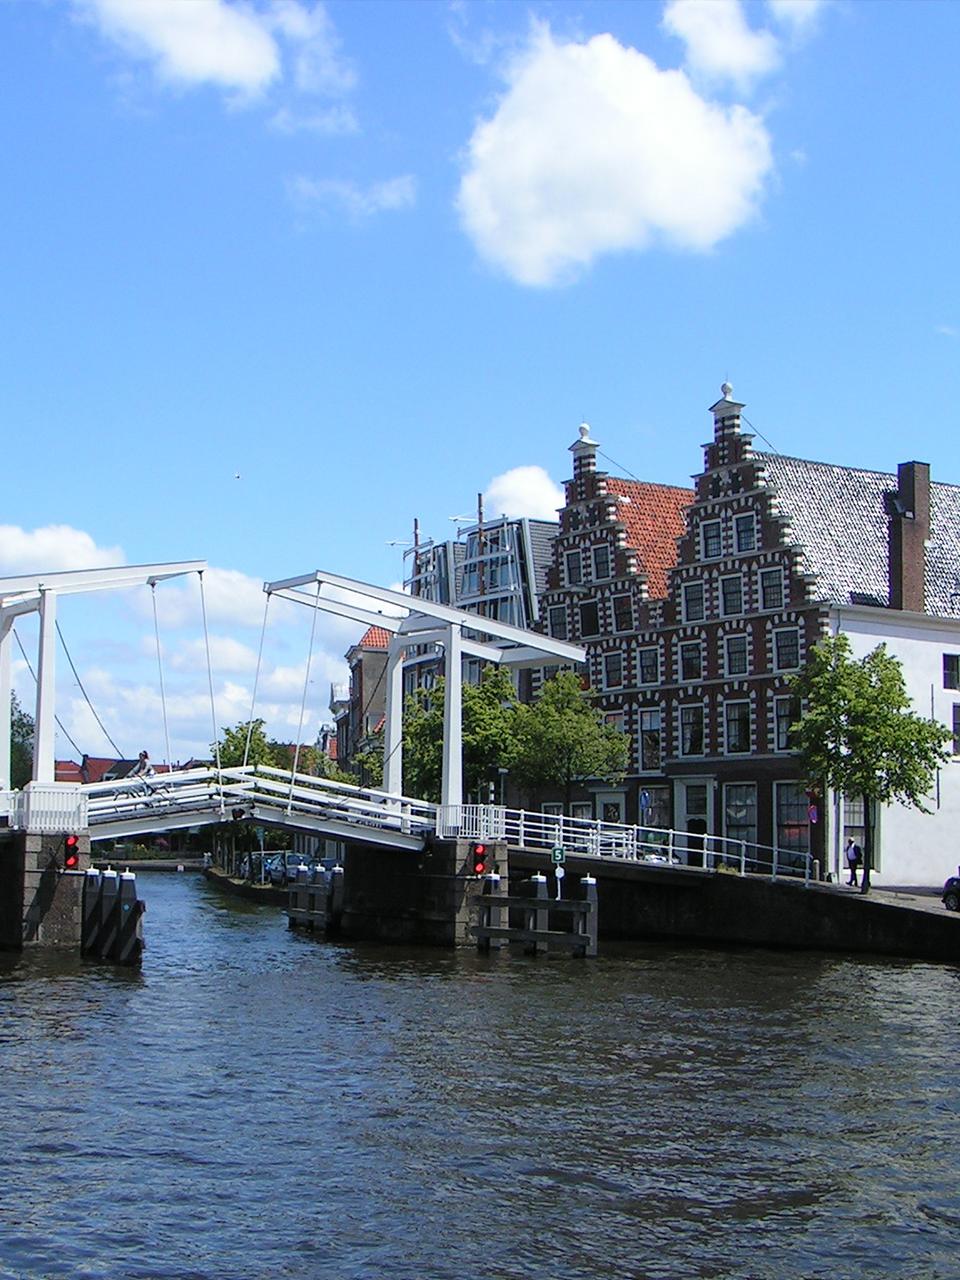 NieuwWonen Haarlem: bekijk hier al het nieuwbouwaanbod